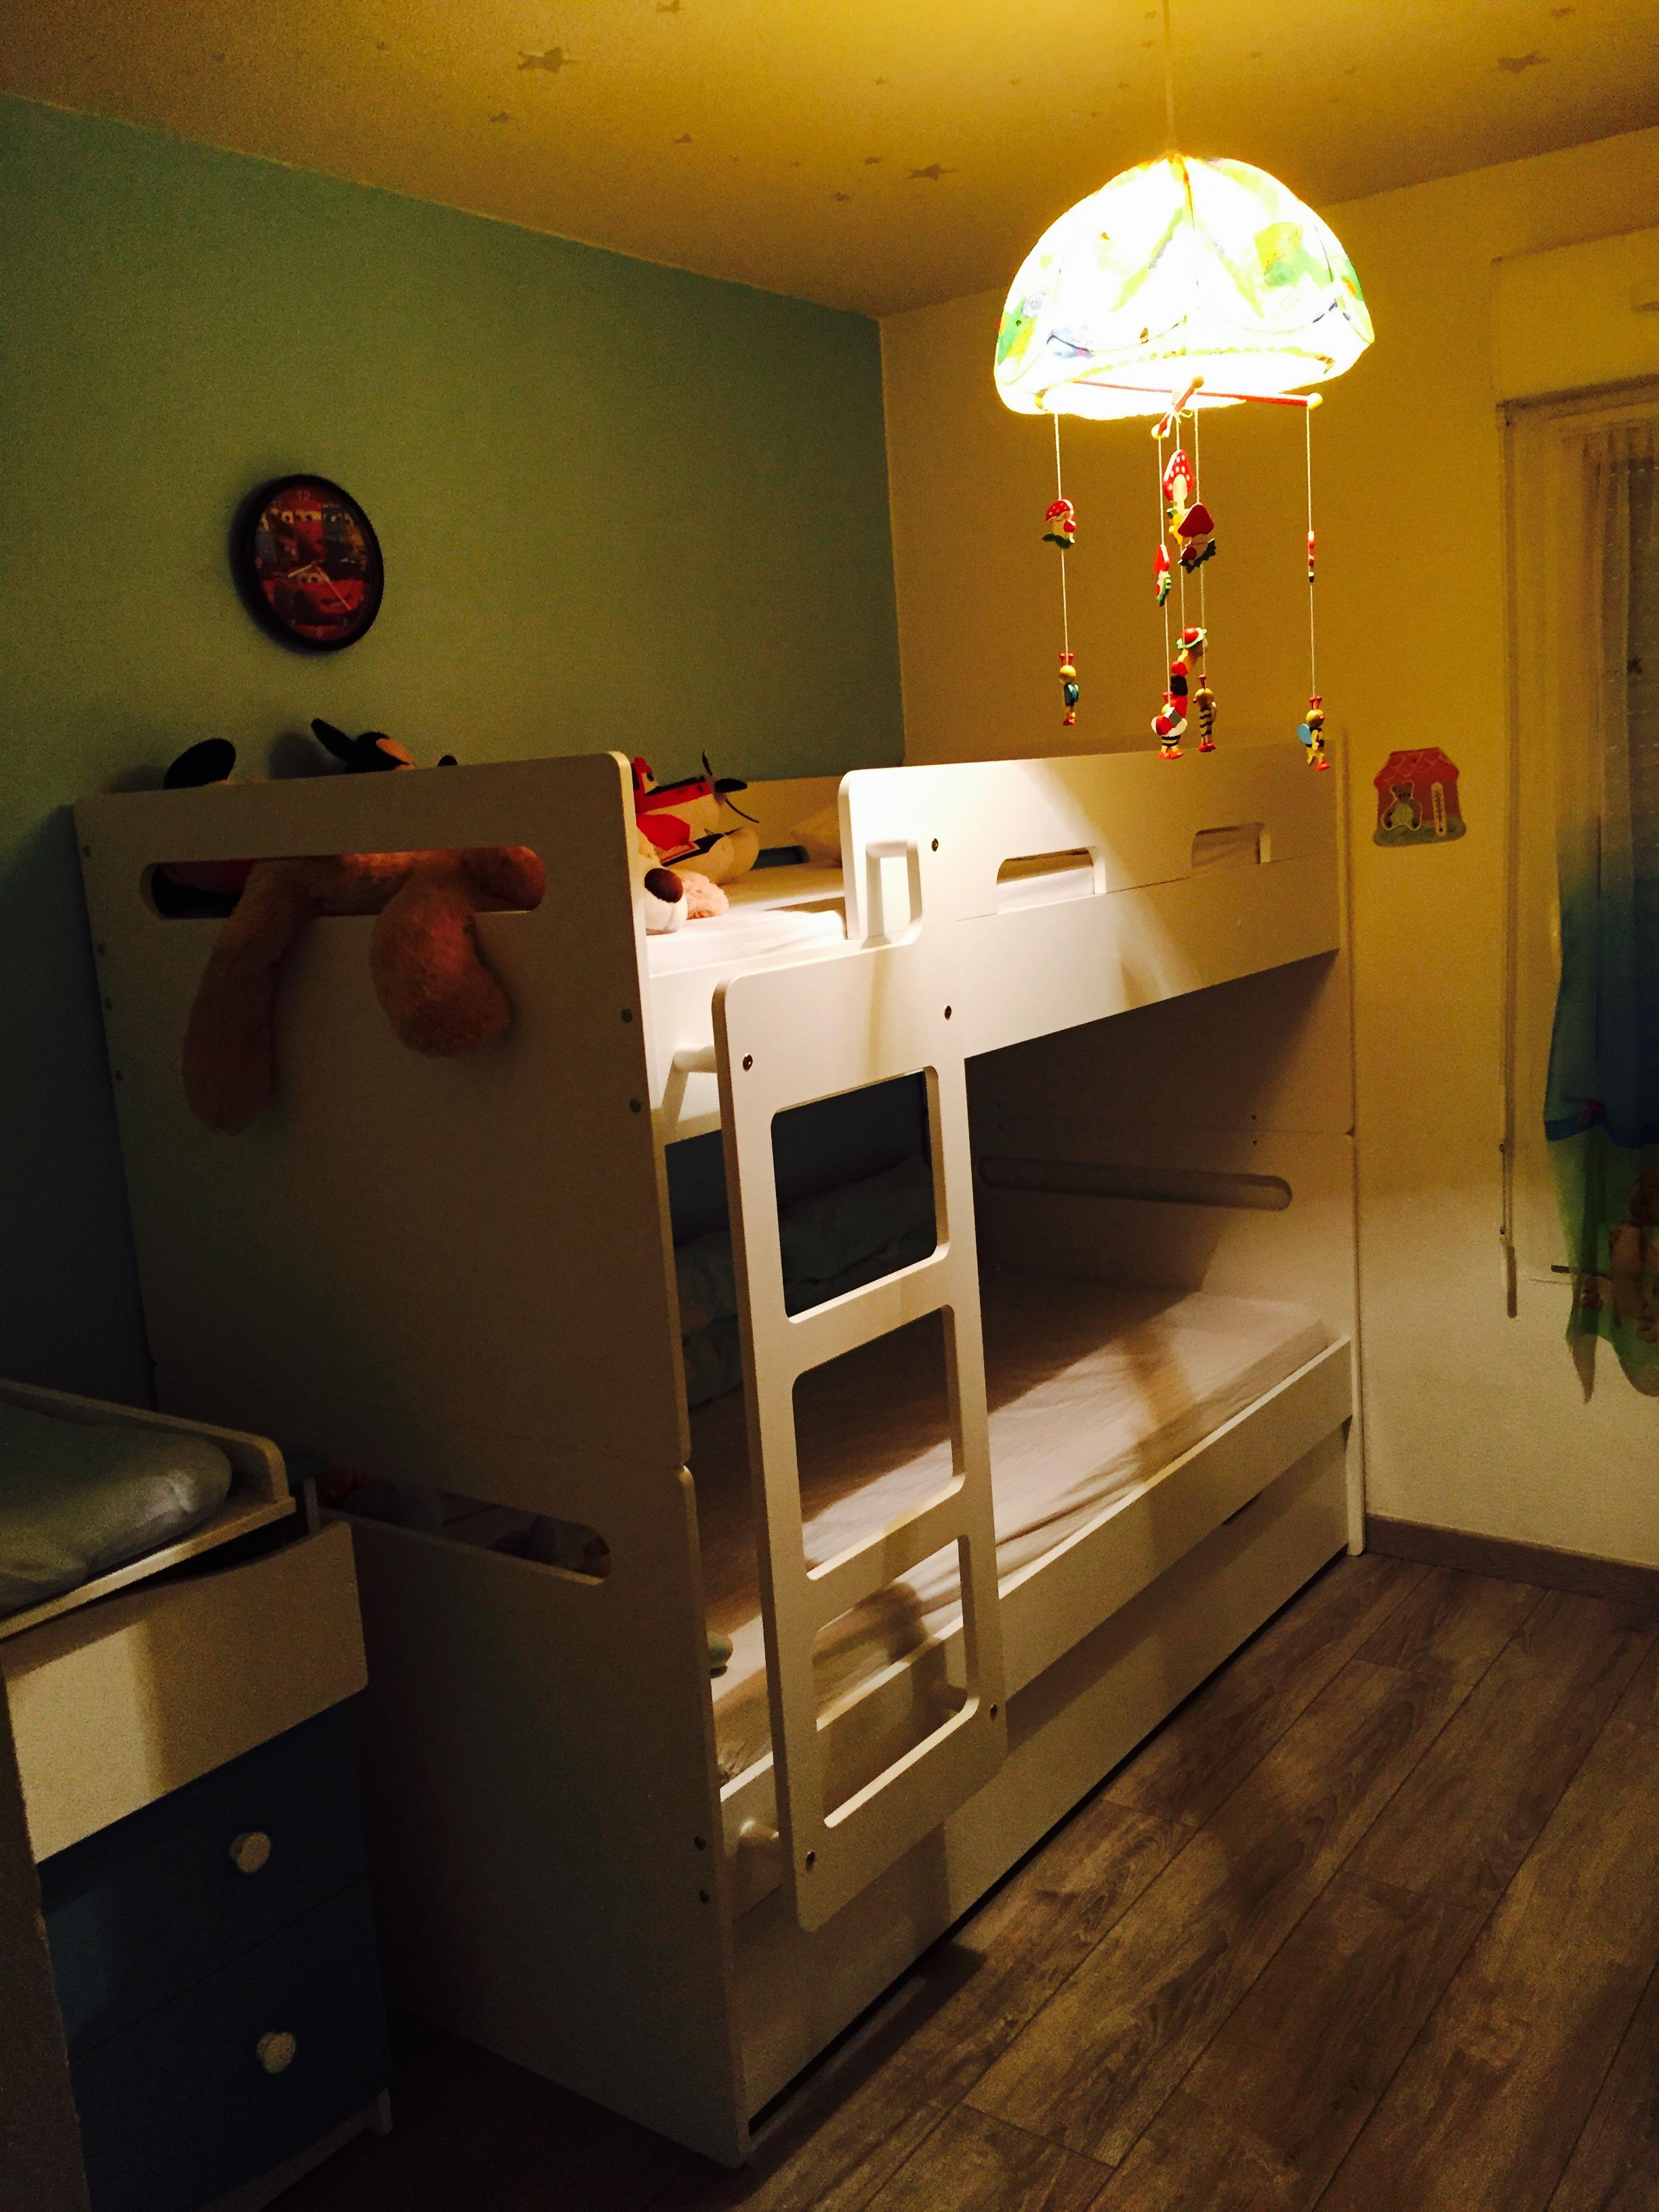 Le lit superpos eden blanc modulable pour filles et gar ons - Securite pour lit superpose ...